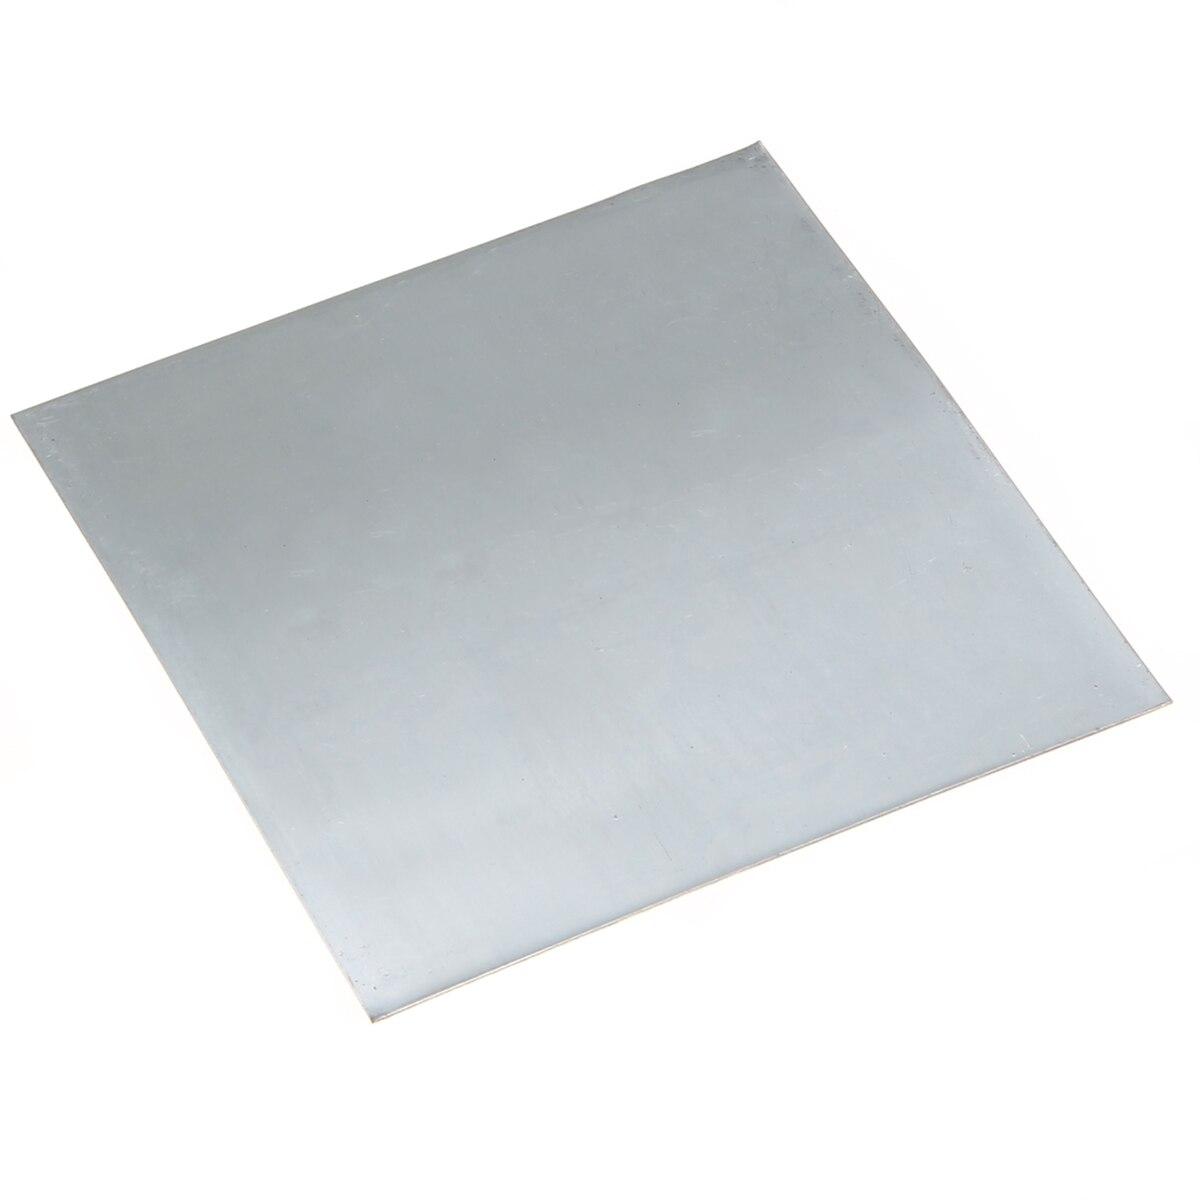 1 Uds Placa de Zinc 99.9% Zinc puro Zn chapa 100mm x 100mm x 0,2mm para accesorios de Laboratorio de Ciencia